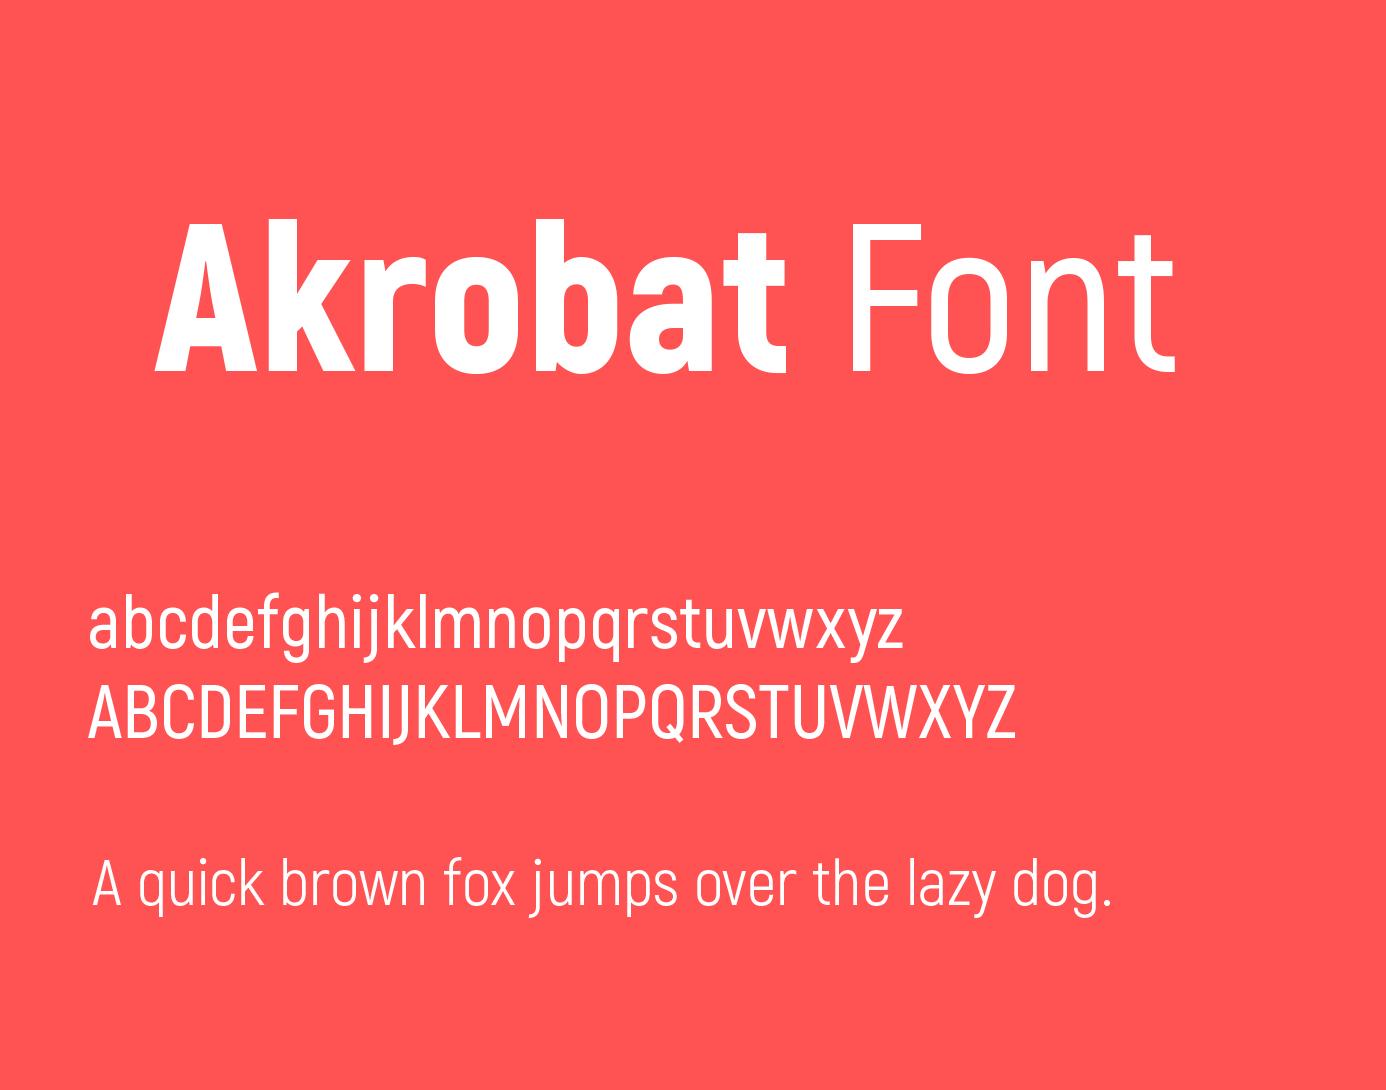 Akrobat-font-1